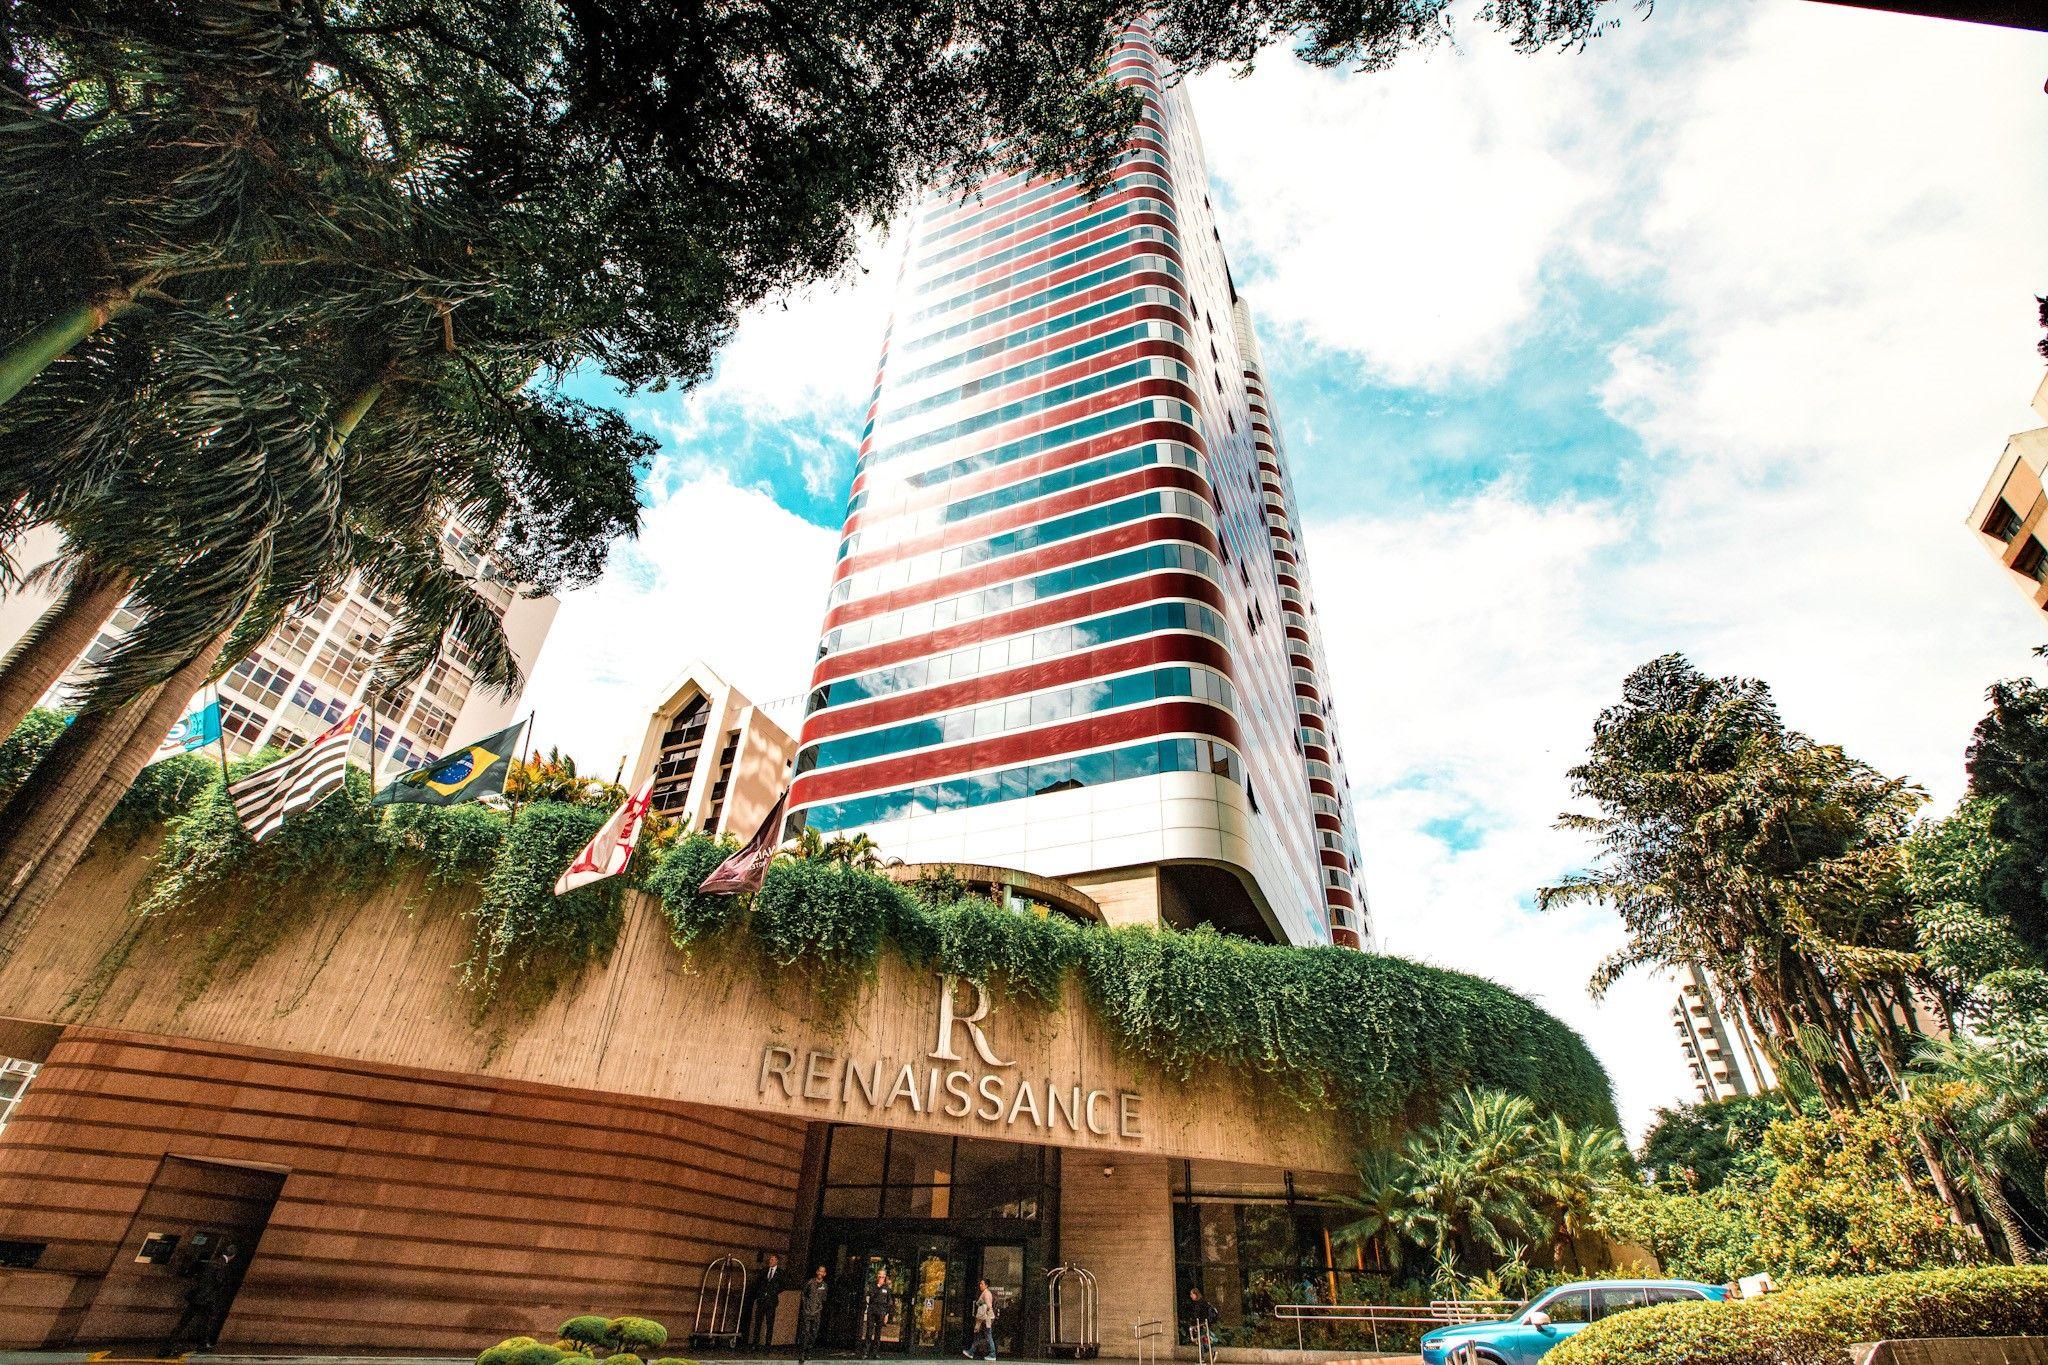 Fique + Renaissance Hotel